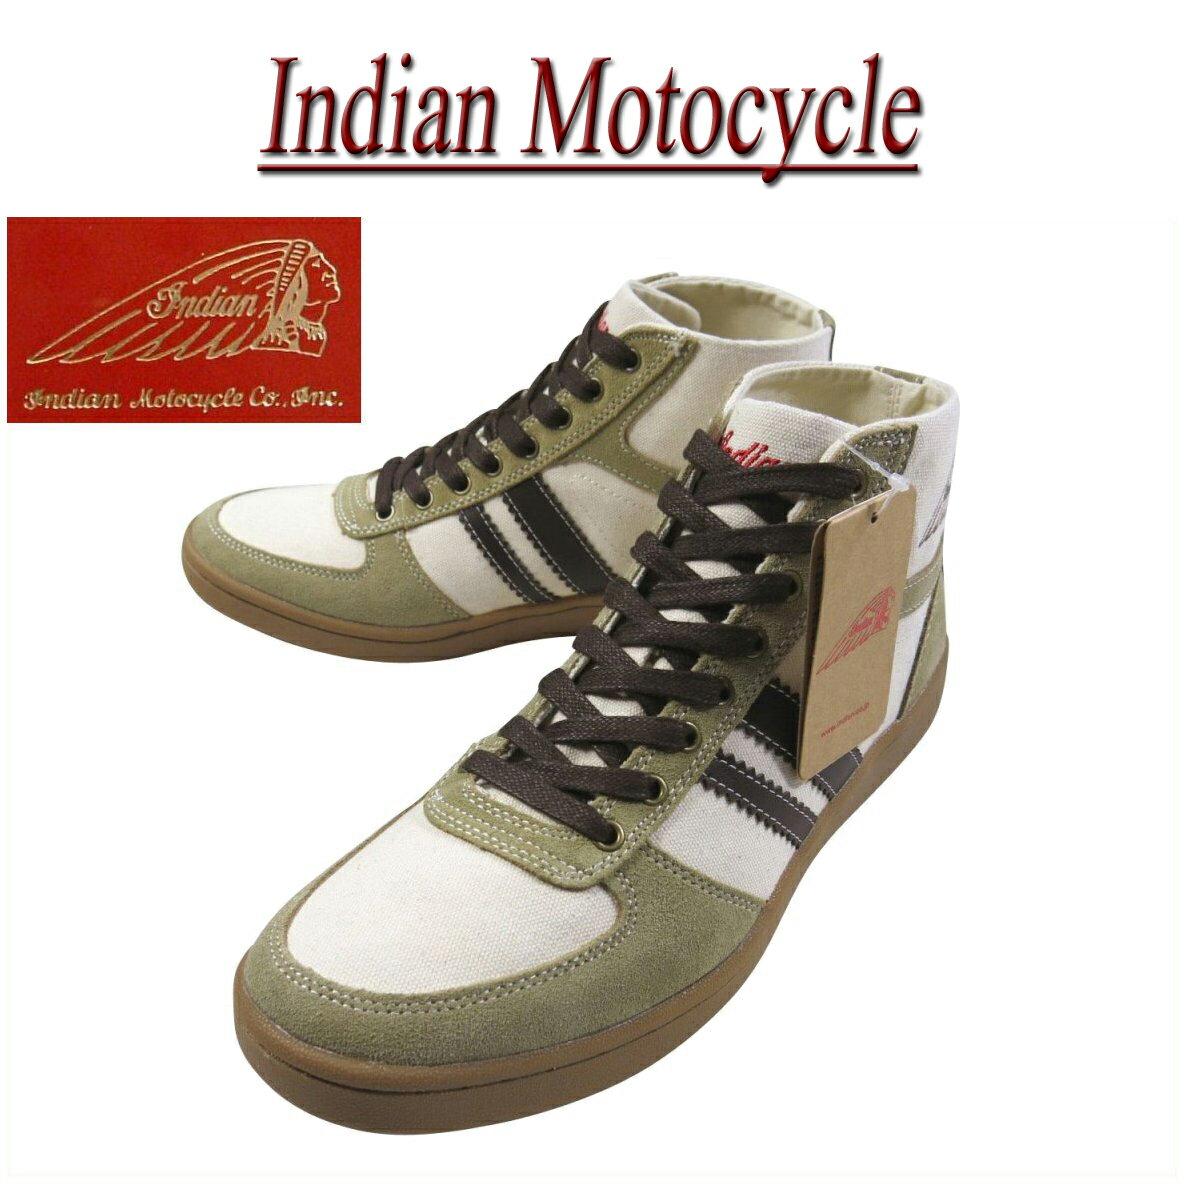 【9サイズ】 fw781 新品 Indian Motocycle FRANKELIII HI キャンバス×レザー ハイカット スニーカー IND-11432 IND-12432 メンズ & レディース フランケル3 ハイ インディアンモトサイクル シューズ IndianMotocycle